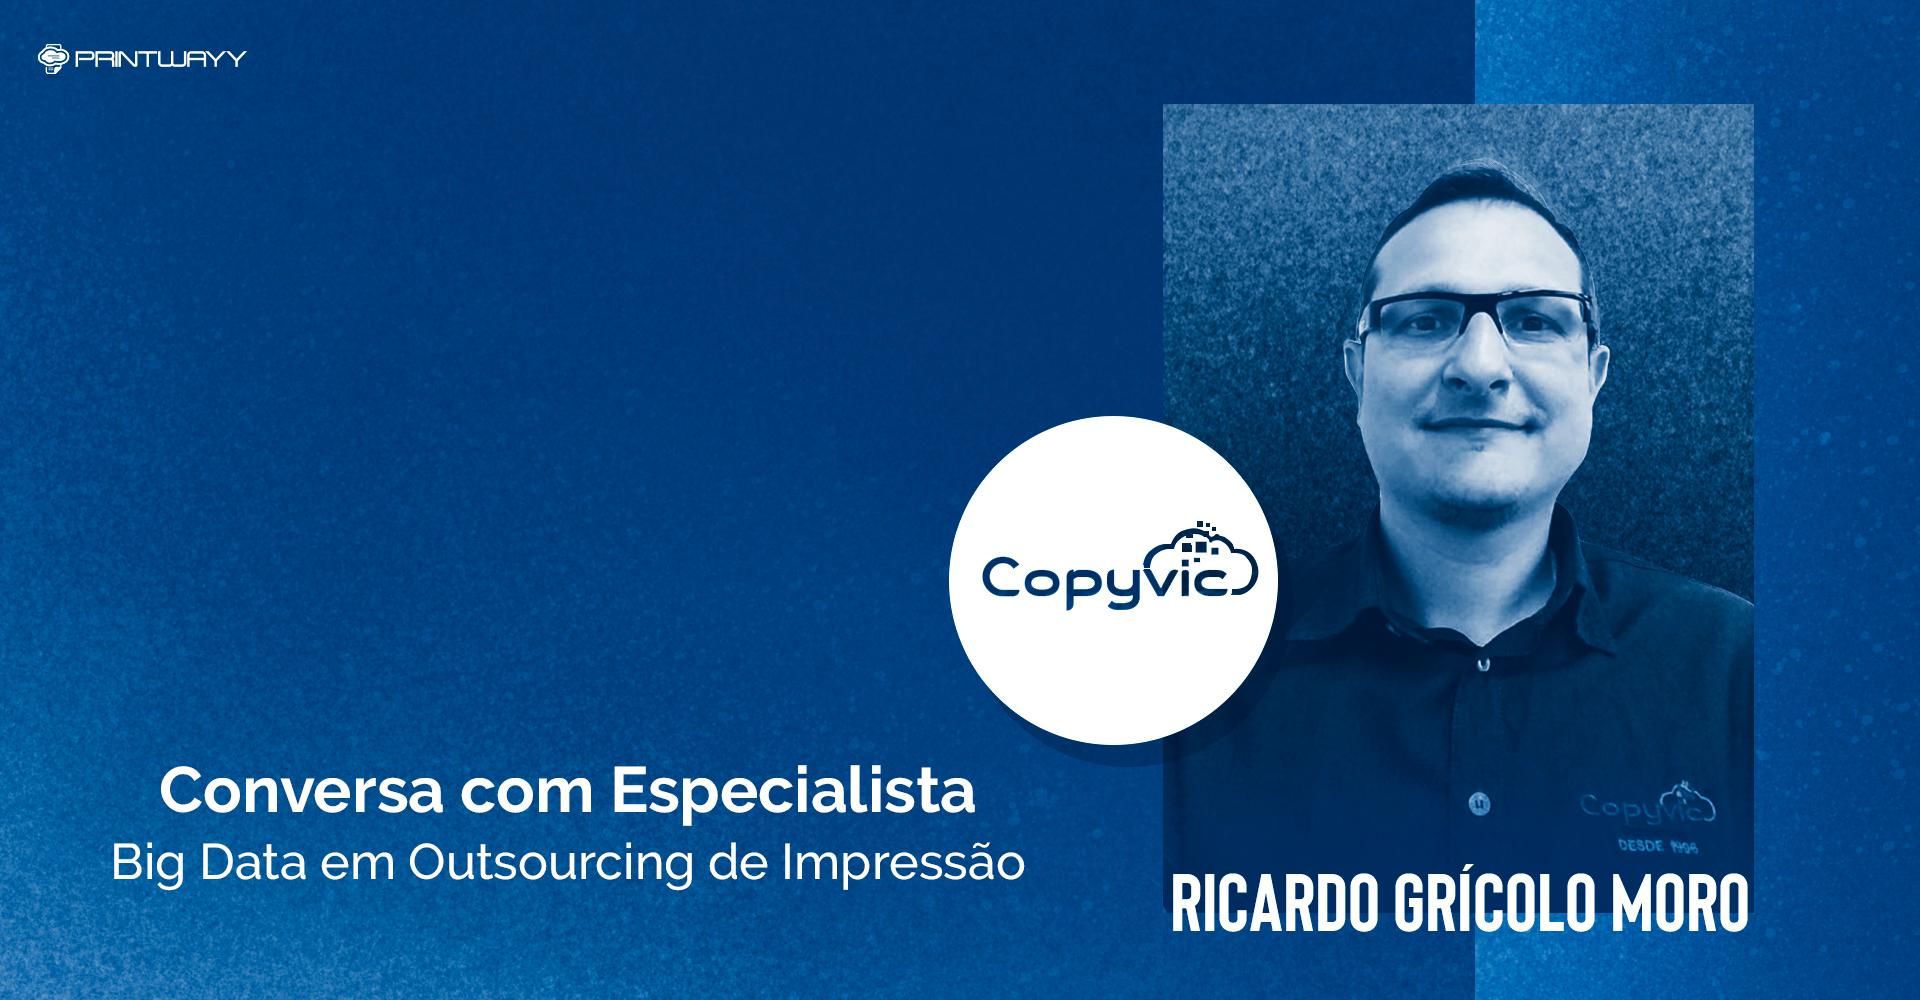 Fotografia de Ricardo Grícolo Moro e logotipo da empresa Copyvic. A imagem ilustra a conversa com especialista em outsourcing de impressão.